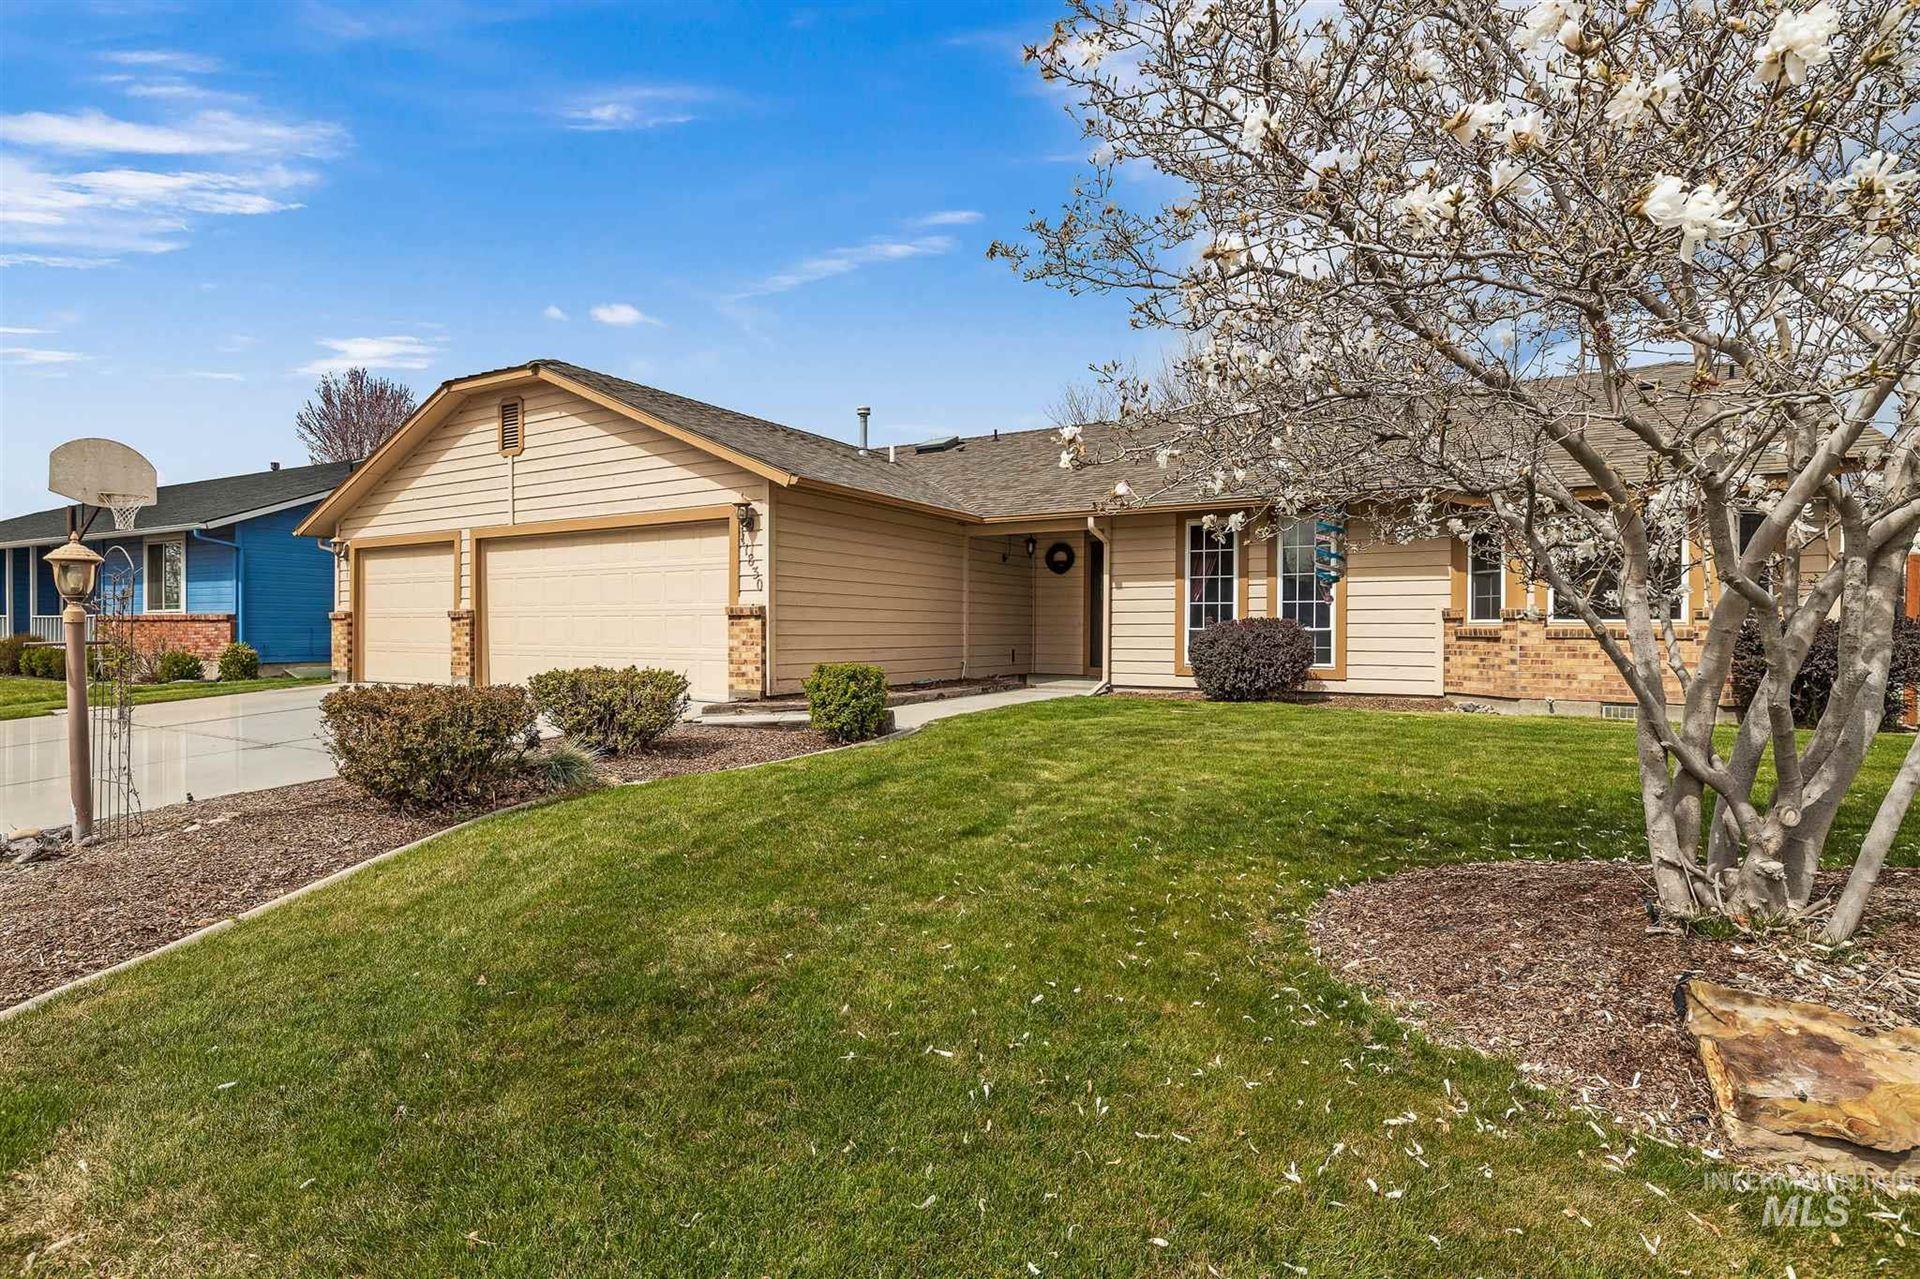 Photo of 11830 W FLINTLOCK, Boise, ID 83713 (MLS # 98799034)